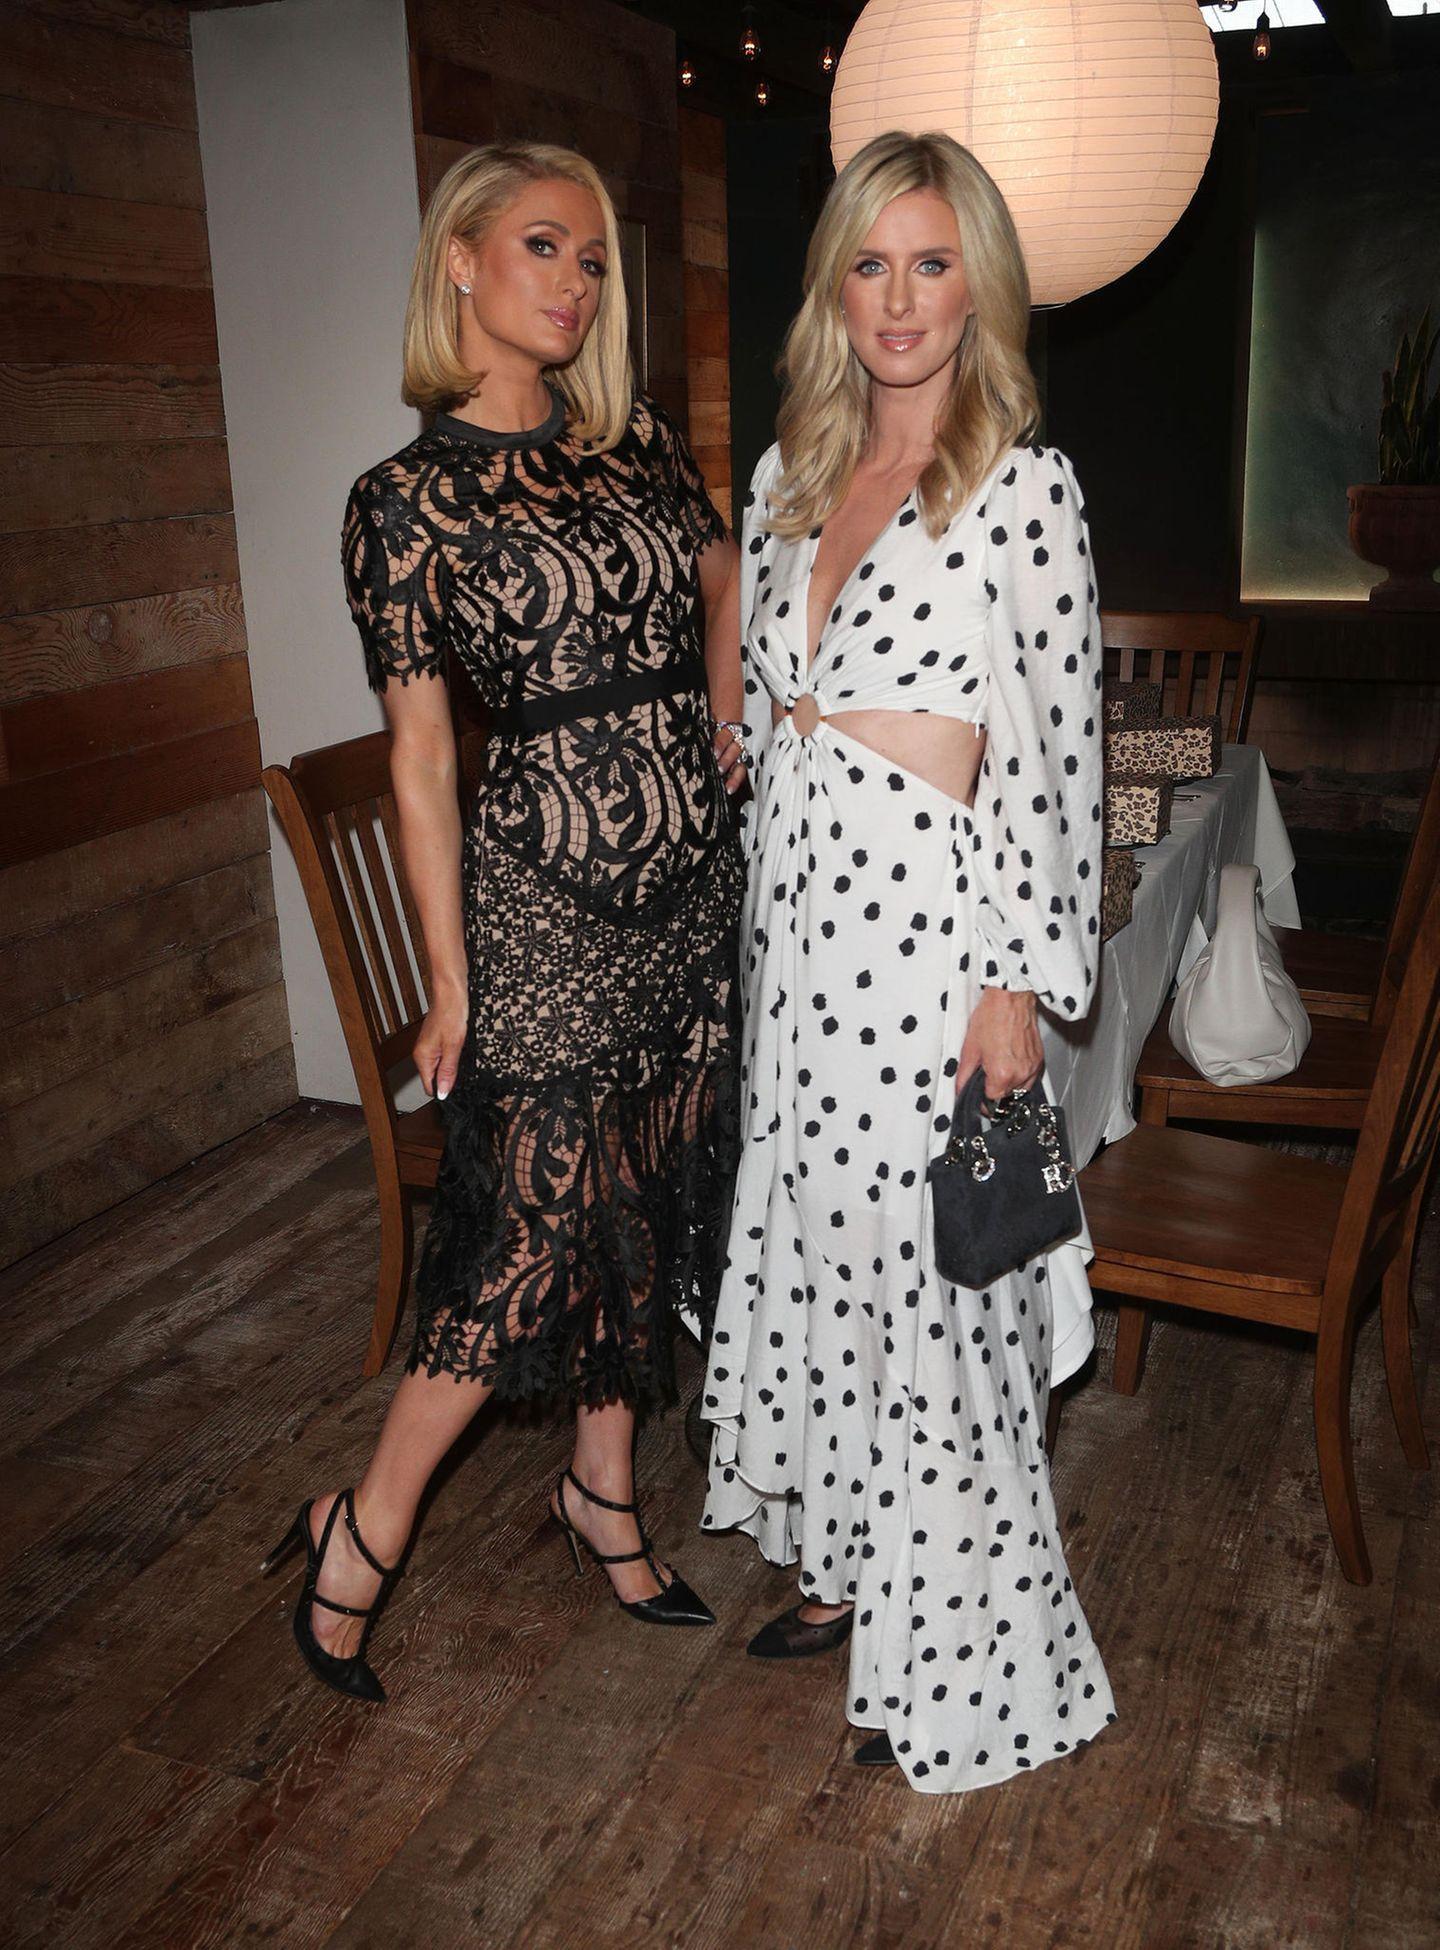 Hier liegt der Style wirklich in der Familie. Für eine Party in Santa Monica werfen sich Paris und Nicky Hilton in Schale. Paris wählt ein schwarzes Spitzenkleid, während Nicky auf ein sommerliches Polka-Dot-Kleid mit Cut-Outs setzt.